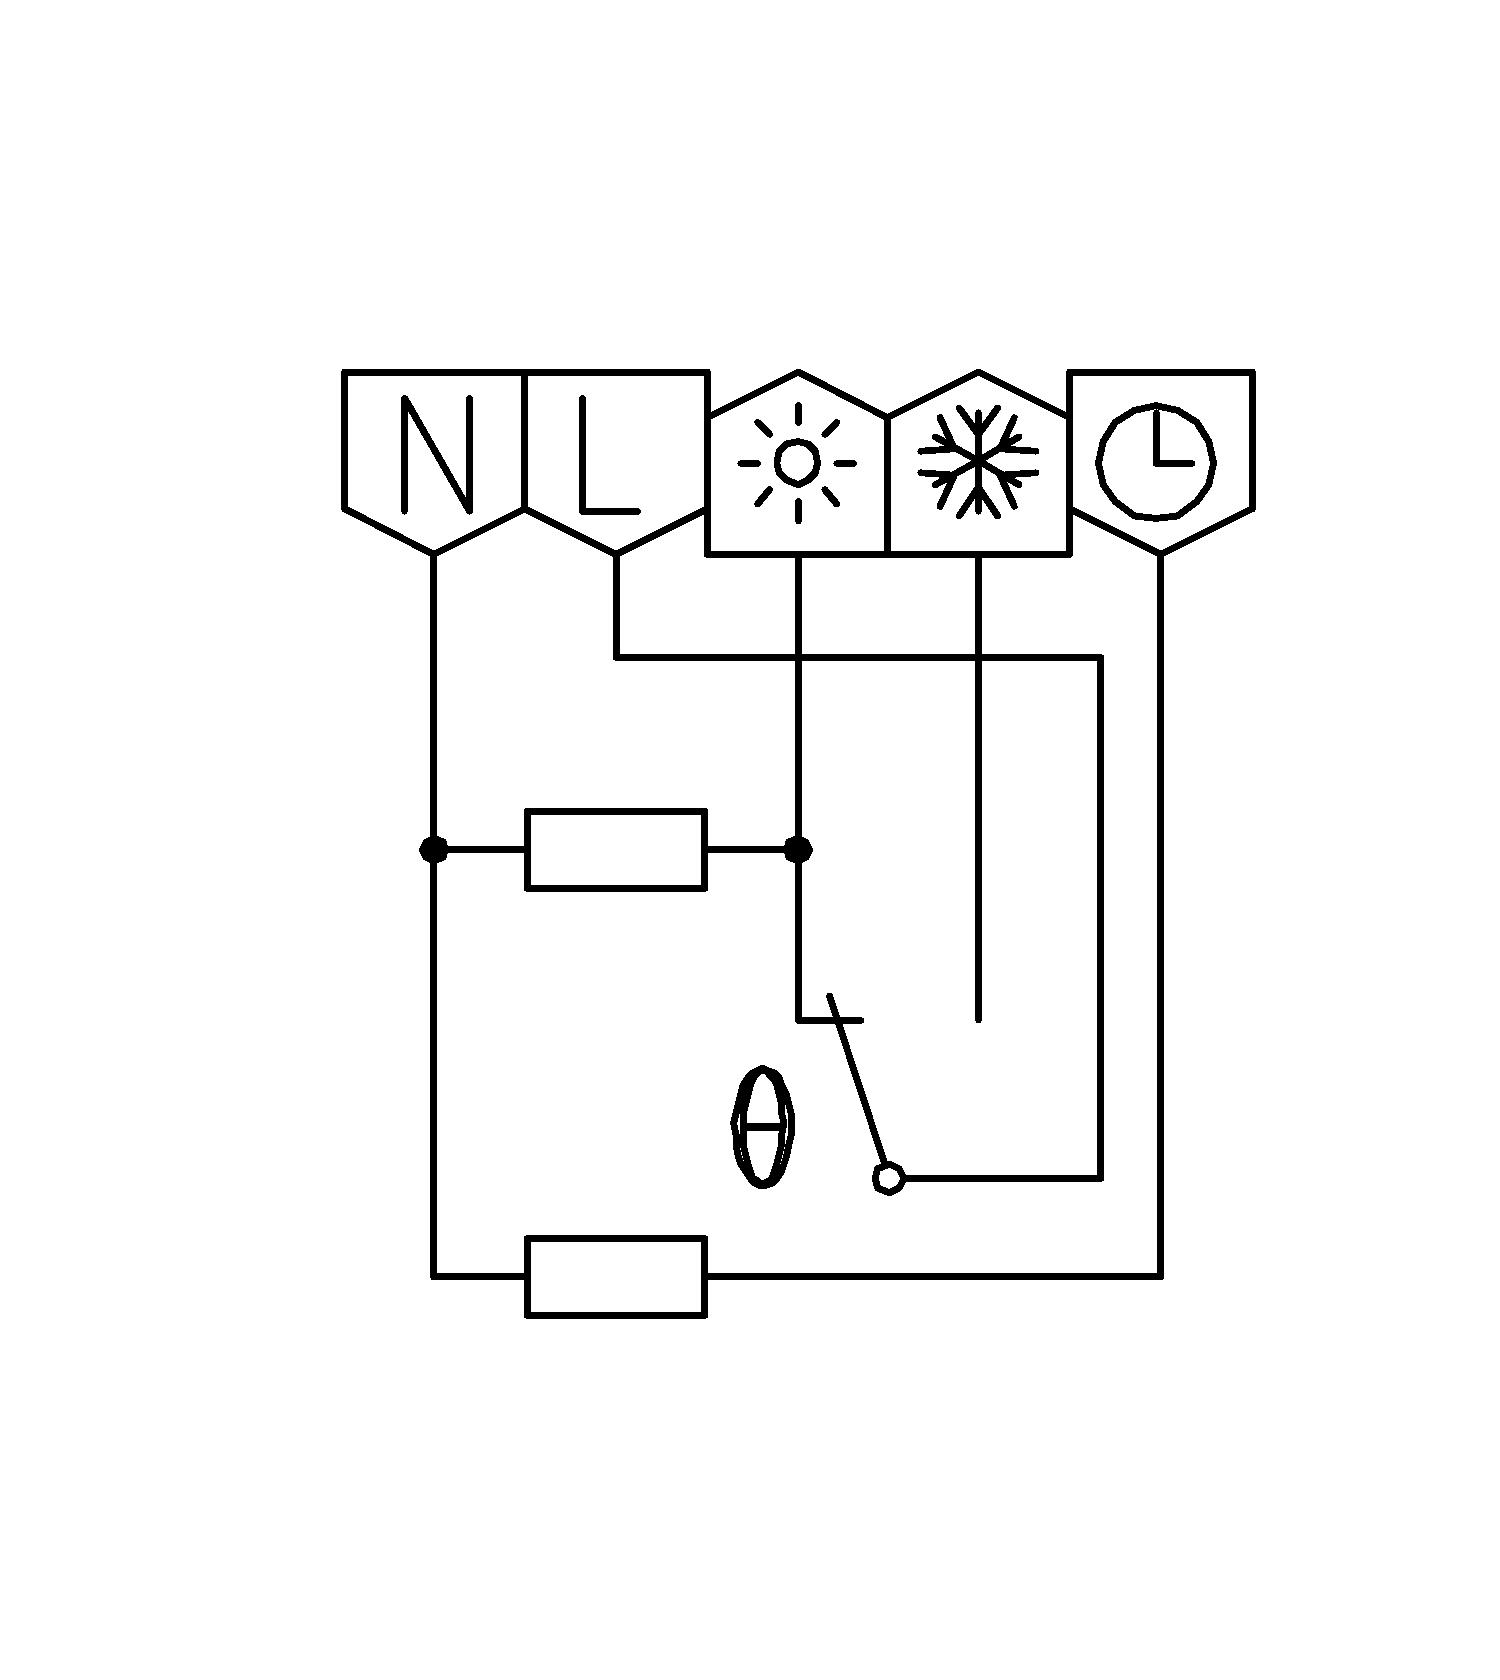 UA010222 Circuit diagram